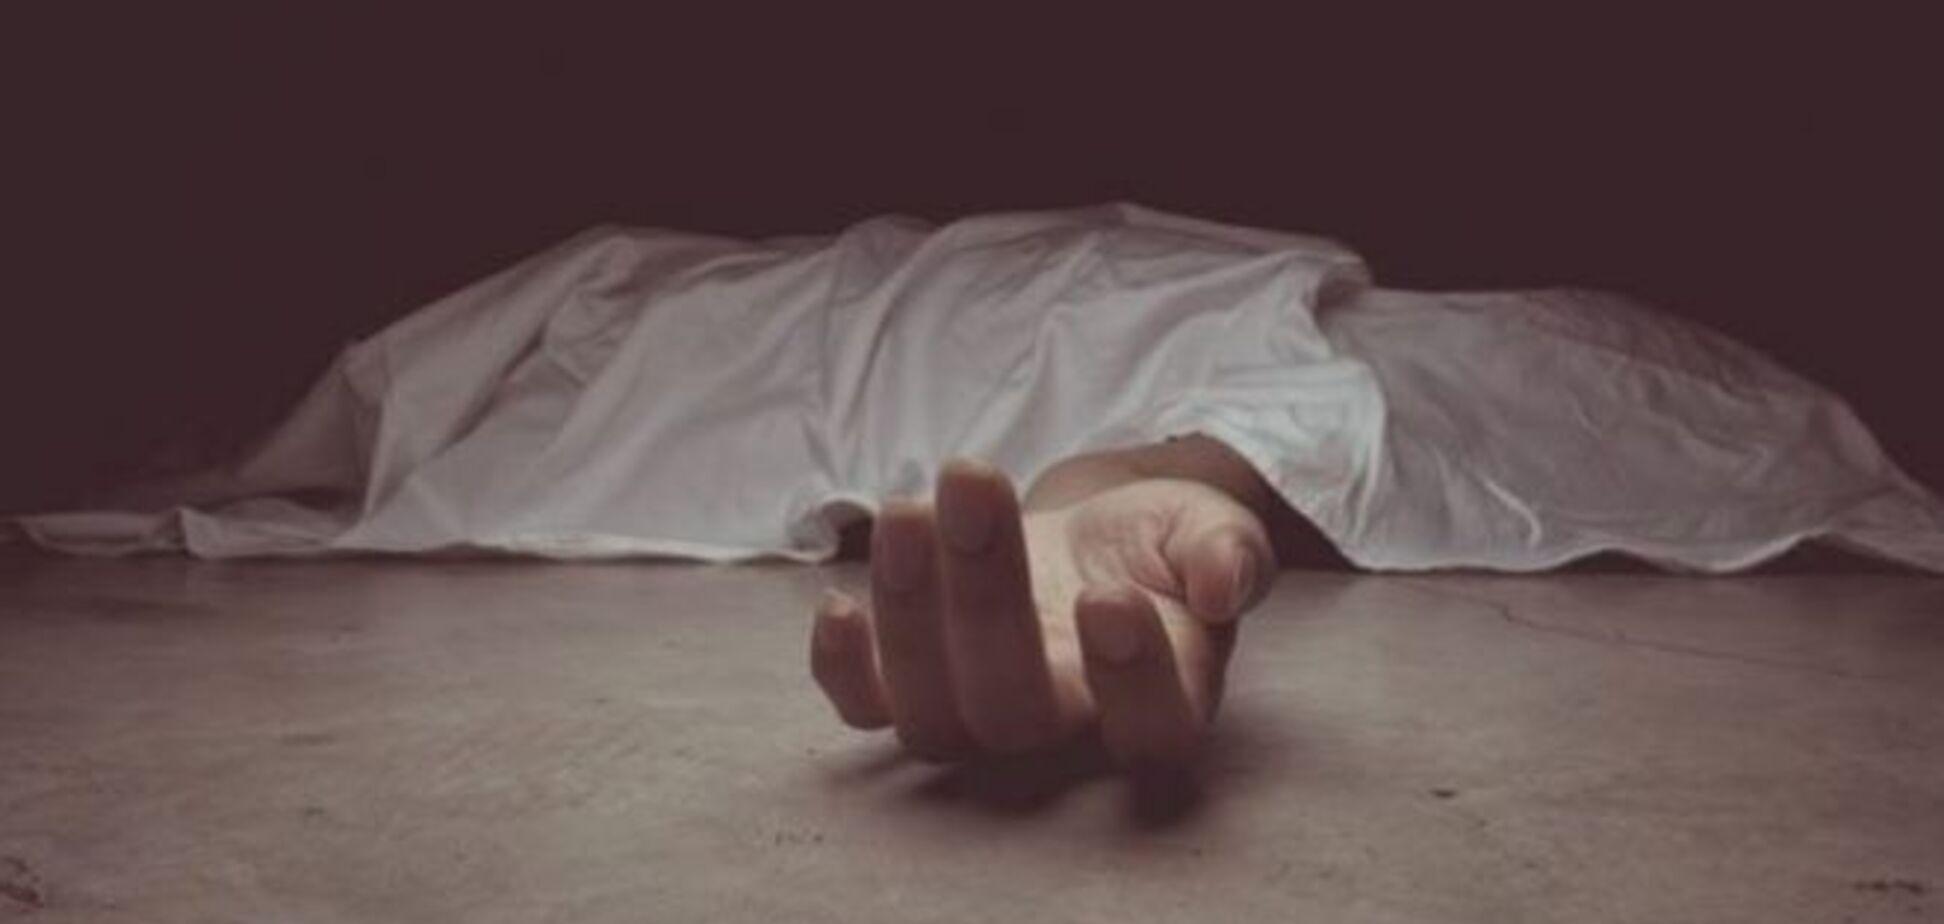 У Кривому Розі син забив до смерті рідну матір. Фото 18+